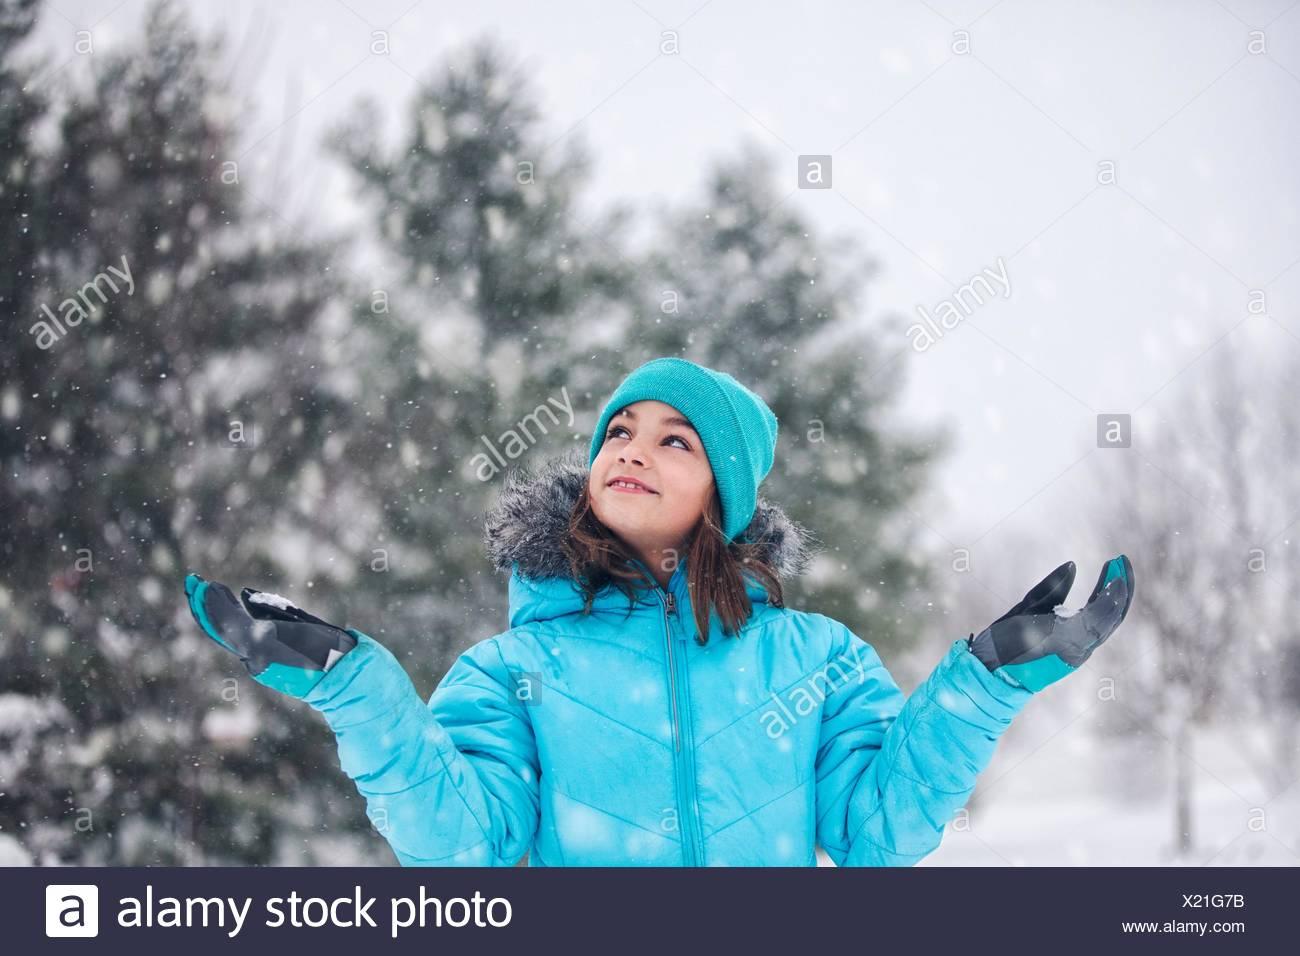 Ragazza indossare un turchese knit hat e ricoprire i bracci sollevati, mani fuori la cattura di neve, cercando di sorridere Immagini Stock